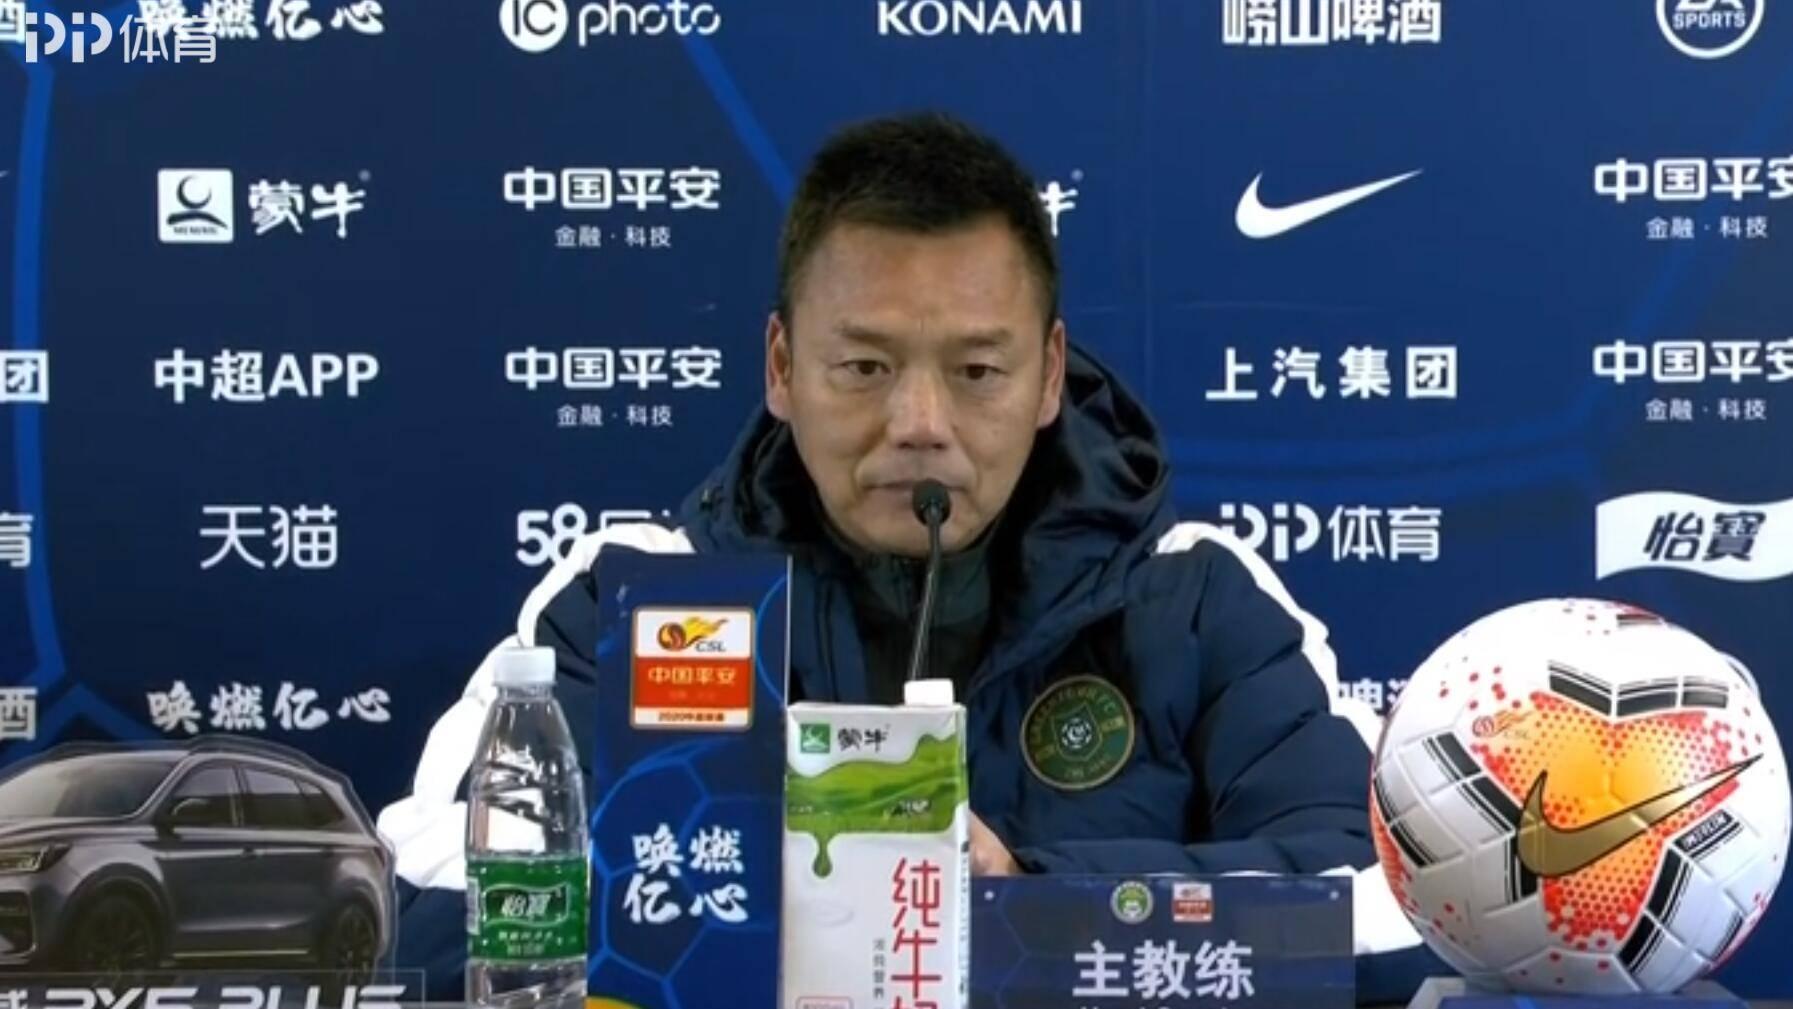 郑雄:这支年轻的队伍是浙江足球的未来,相信他们的明天会更好